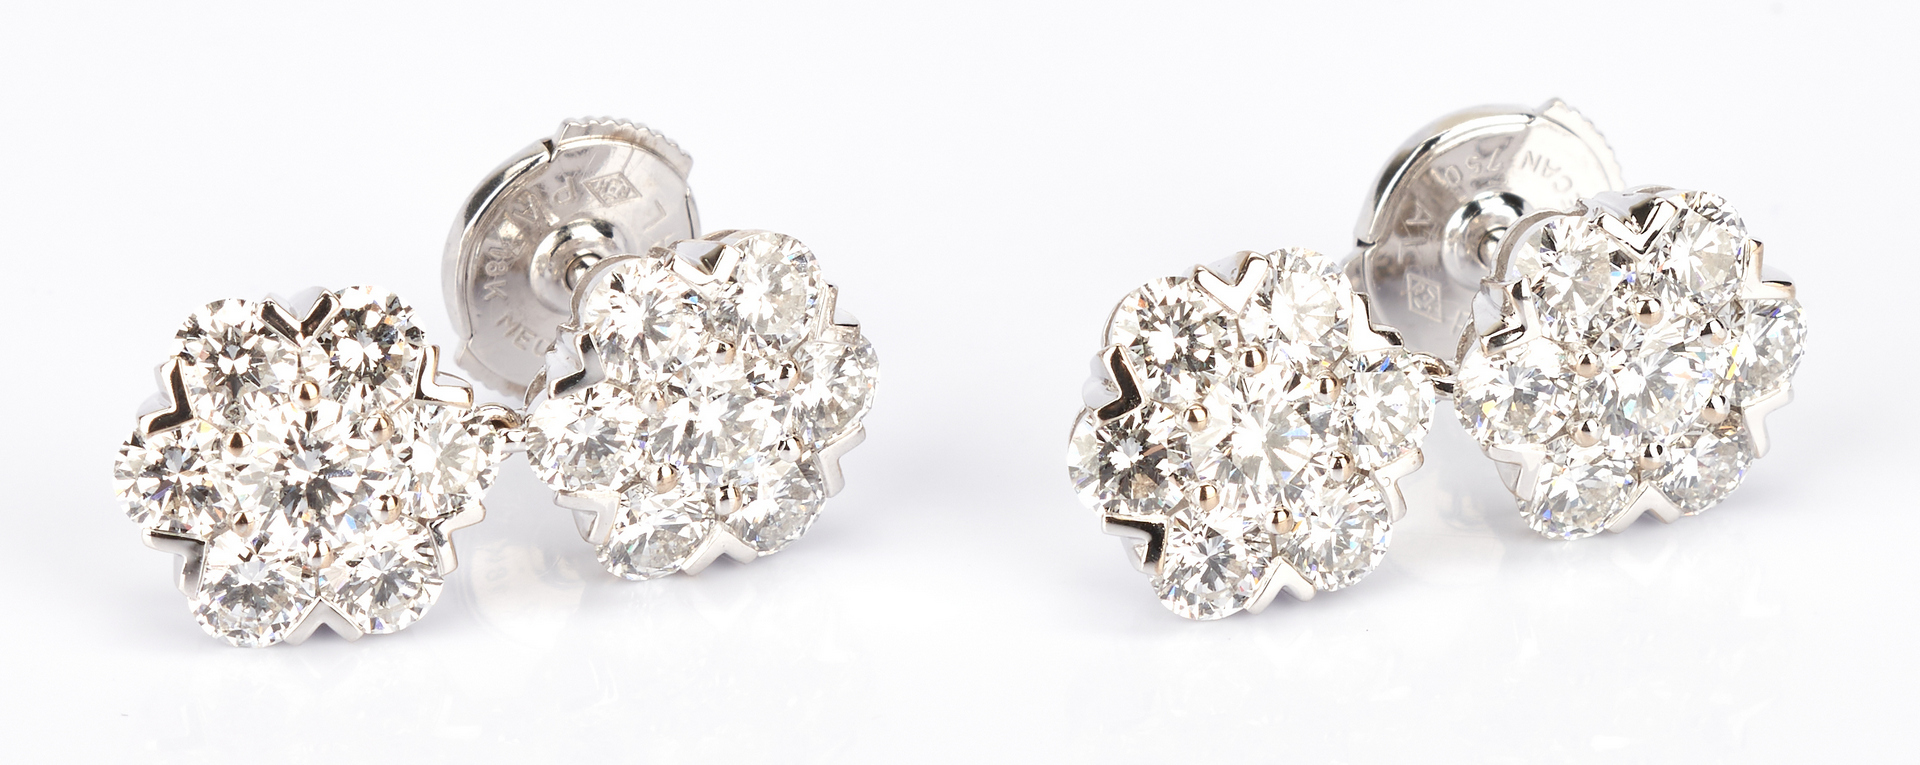 Lot 423: Ladies 18K Diamond Van Cleef & Arpels Pierced Earrings